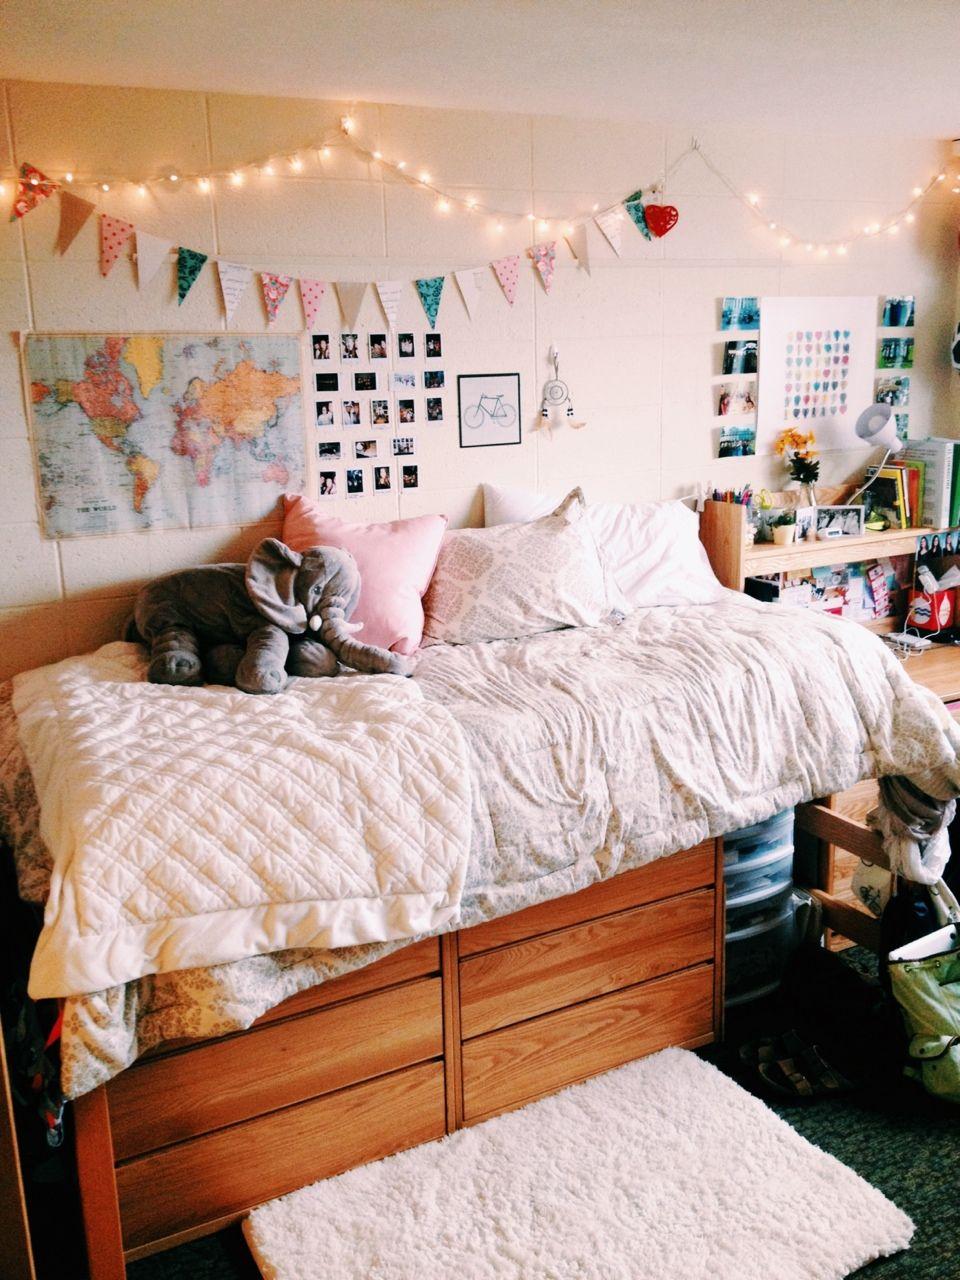 Fyeahcooldormroomsimage bed room